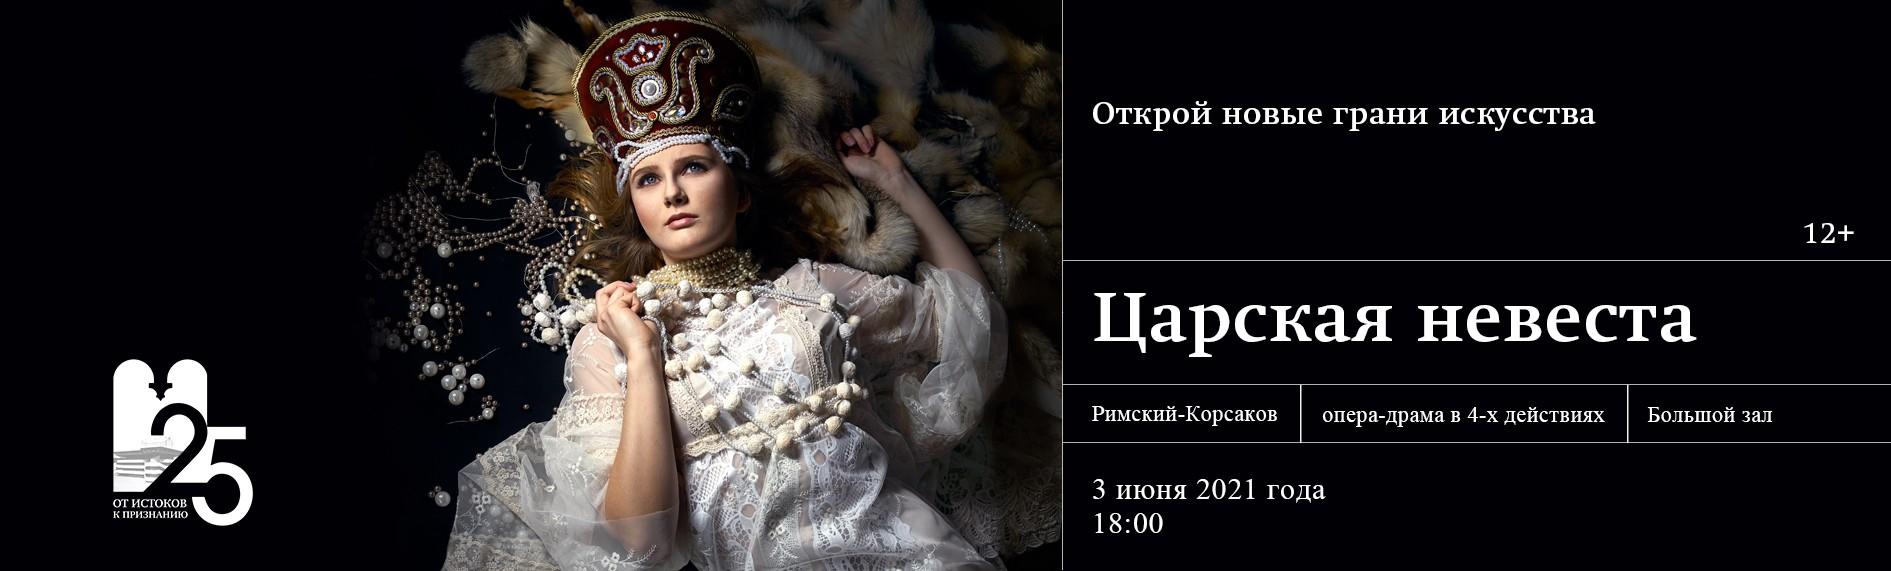 """Опера """"Царская невеста"""""""